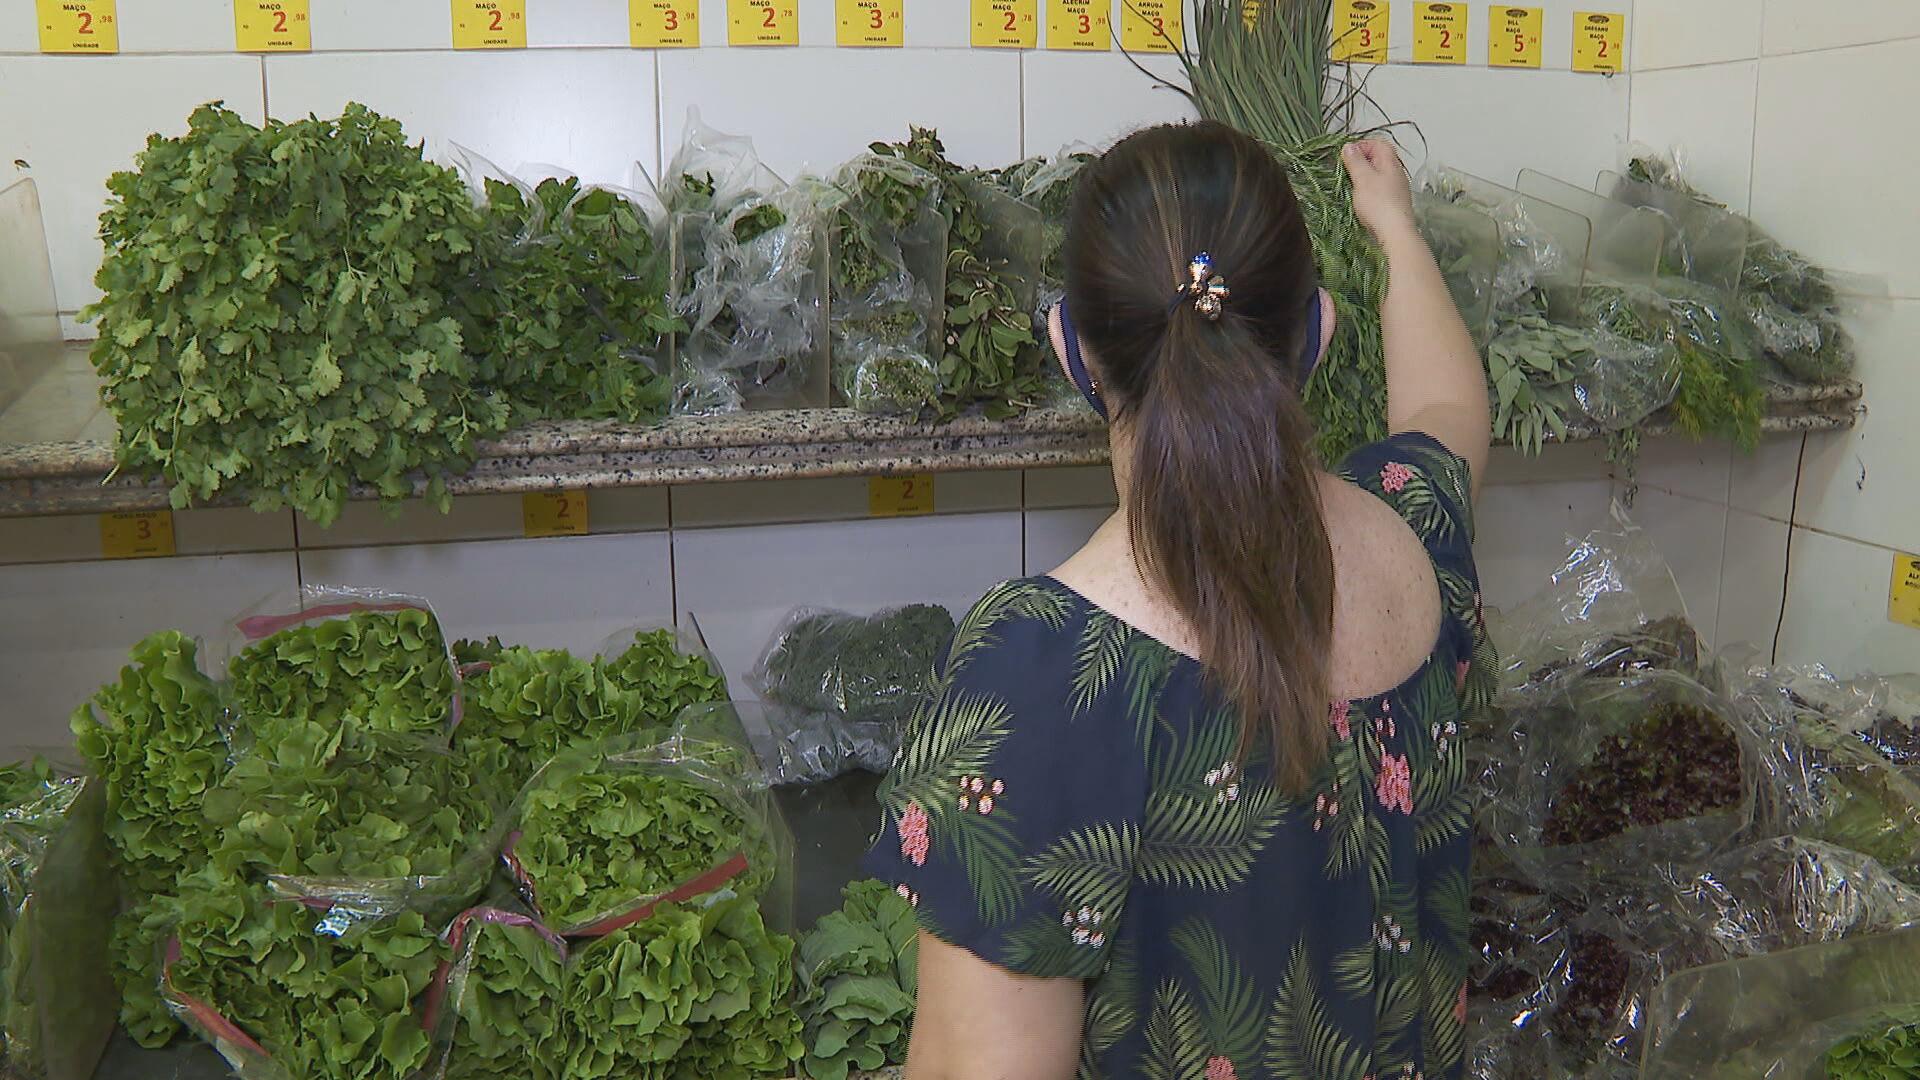 Consumidora escolhe verduras em mercado (18 de abril de 2021)